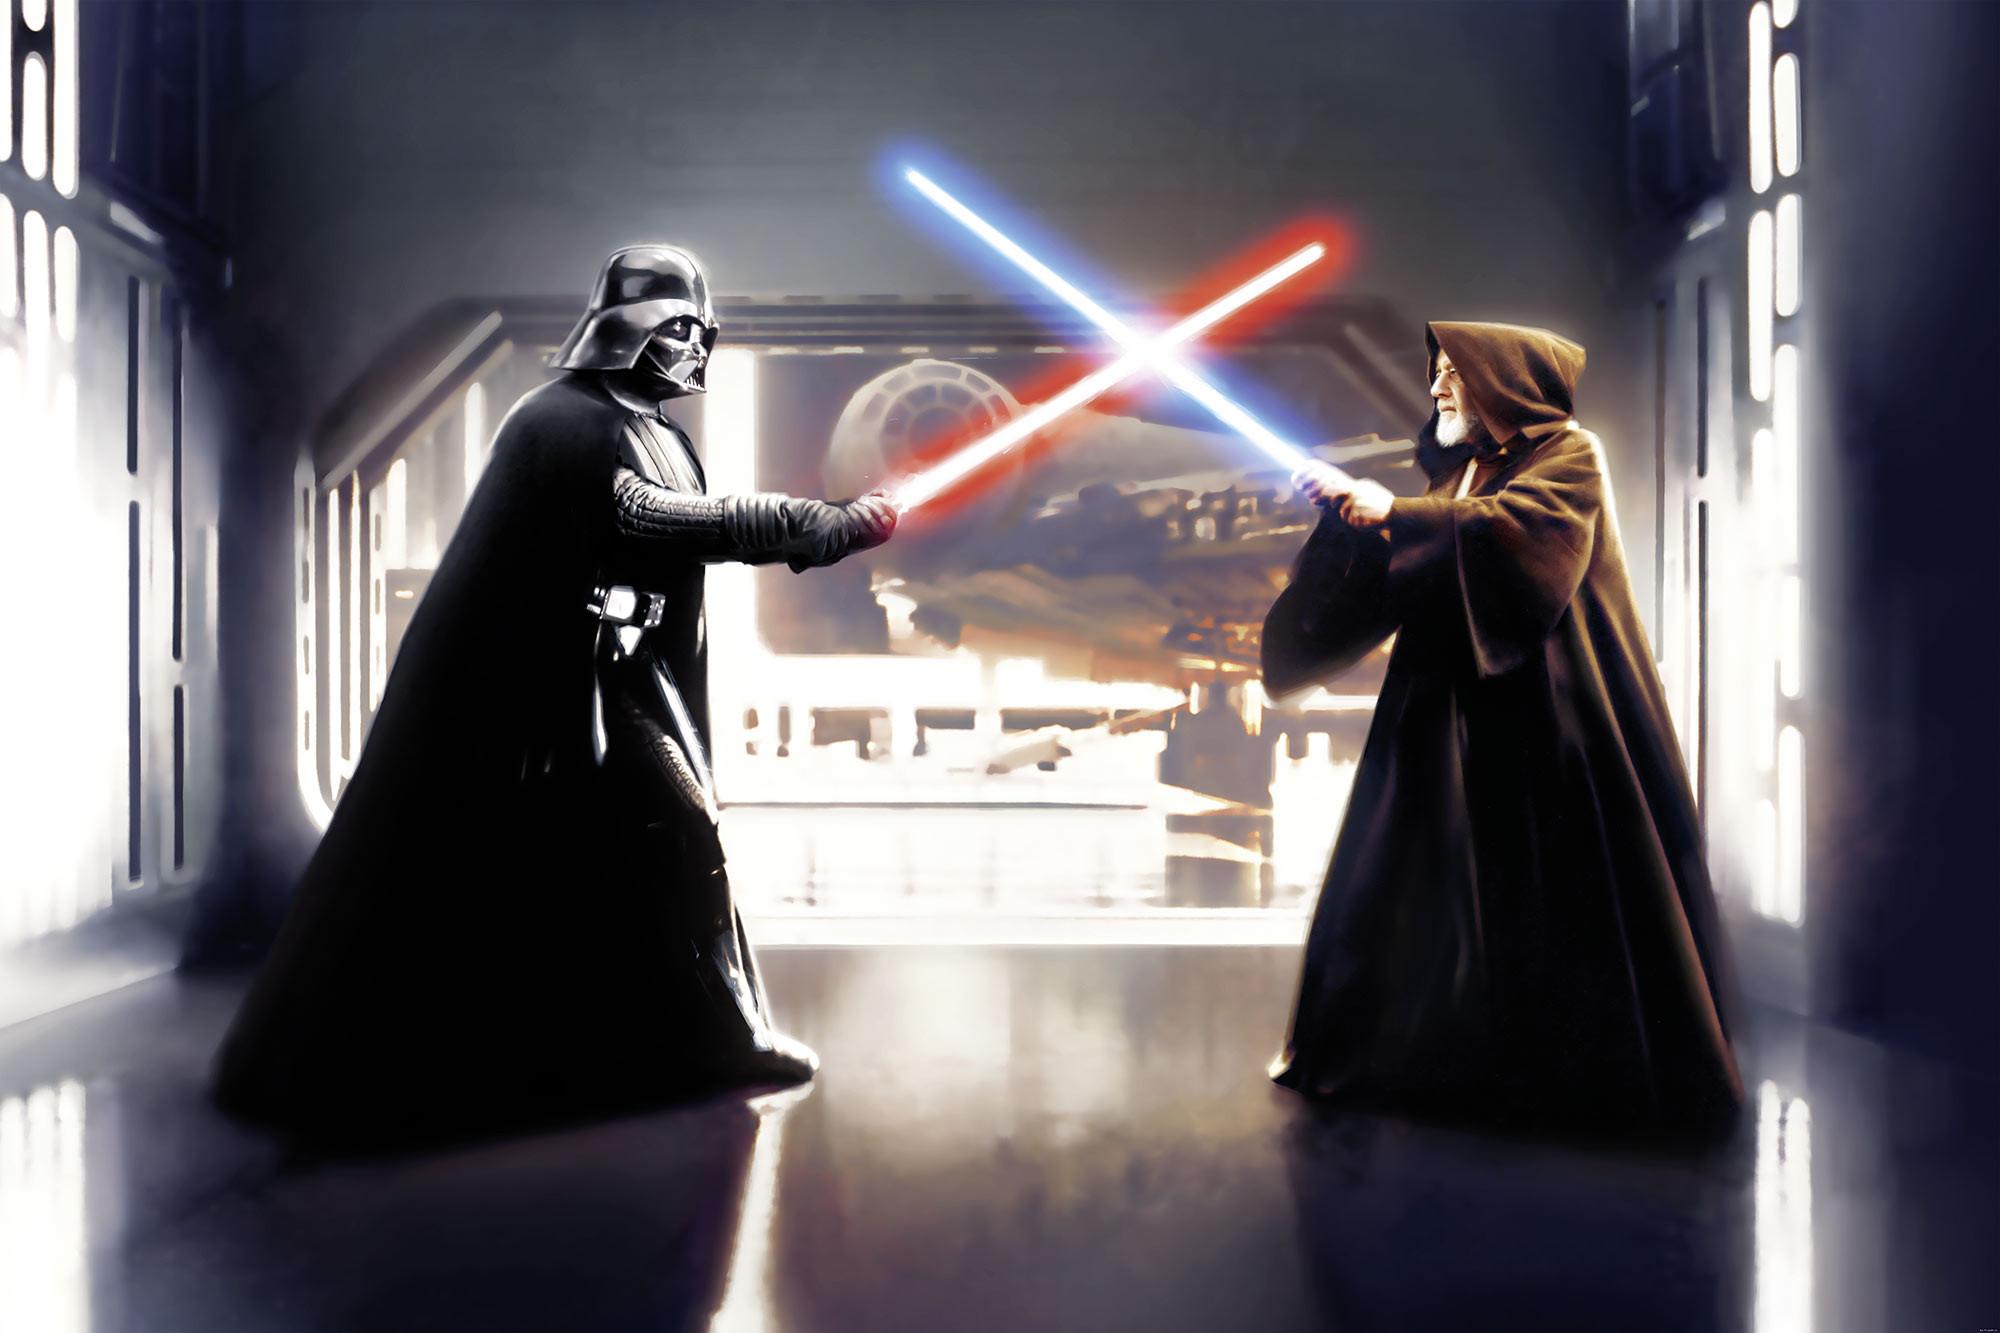 Star Wars Vader vs. Kenobi